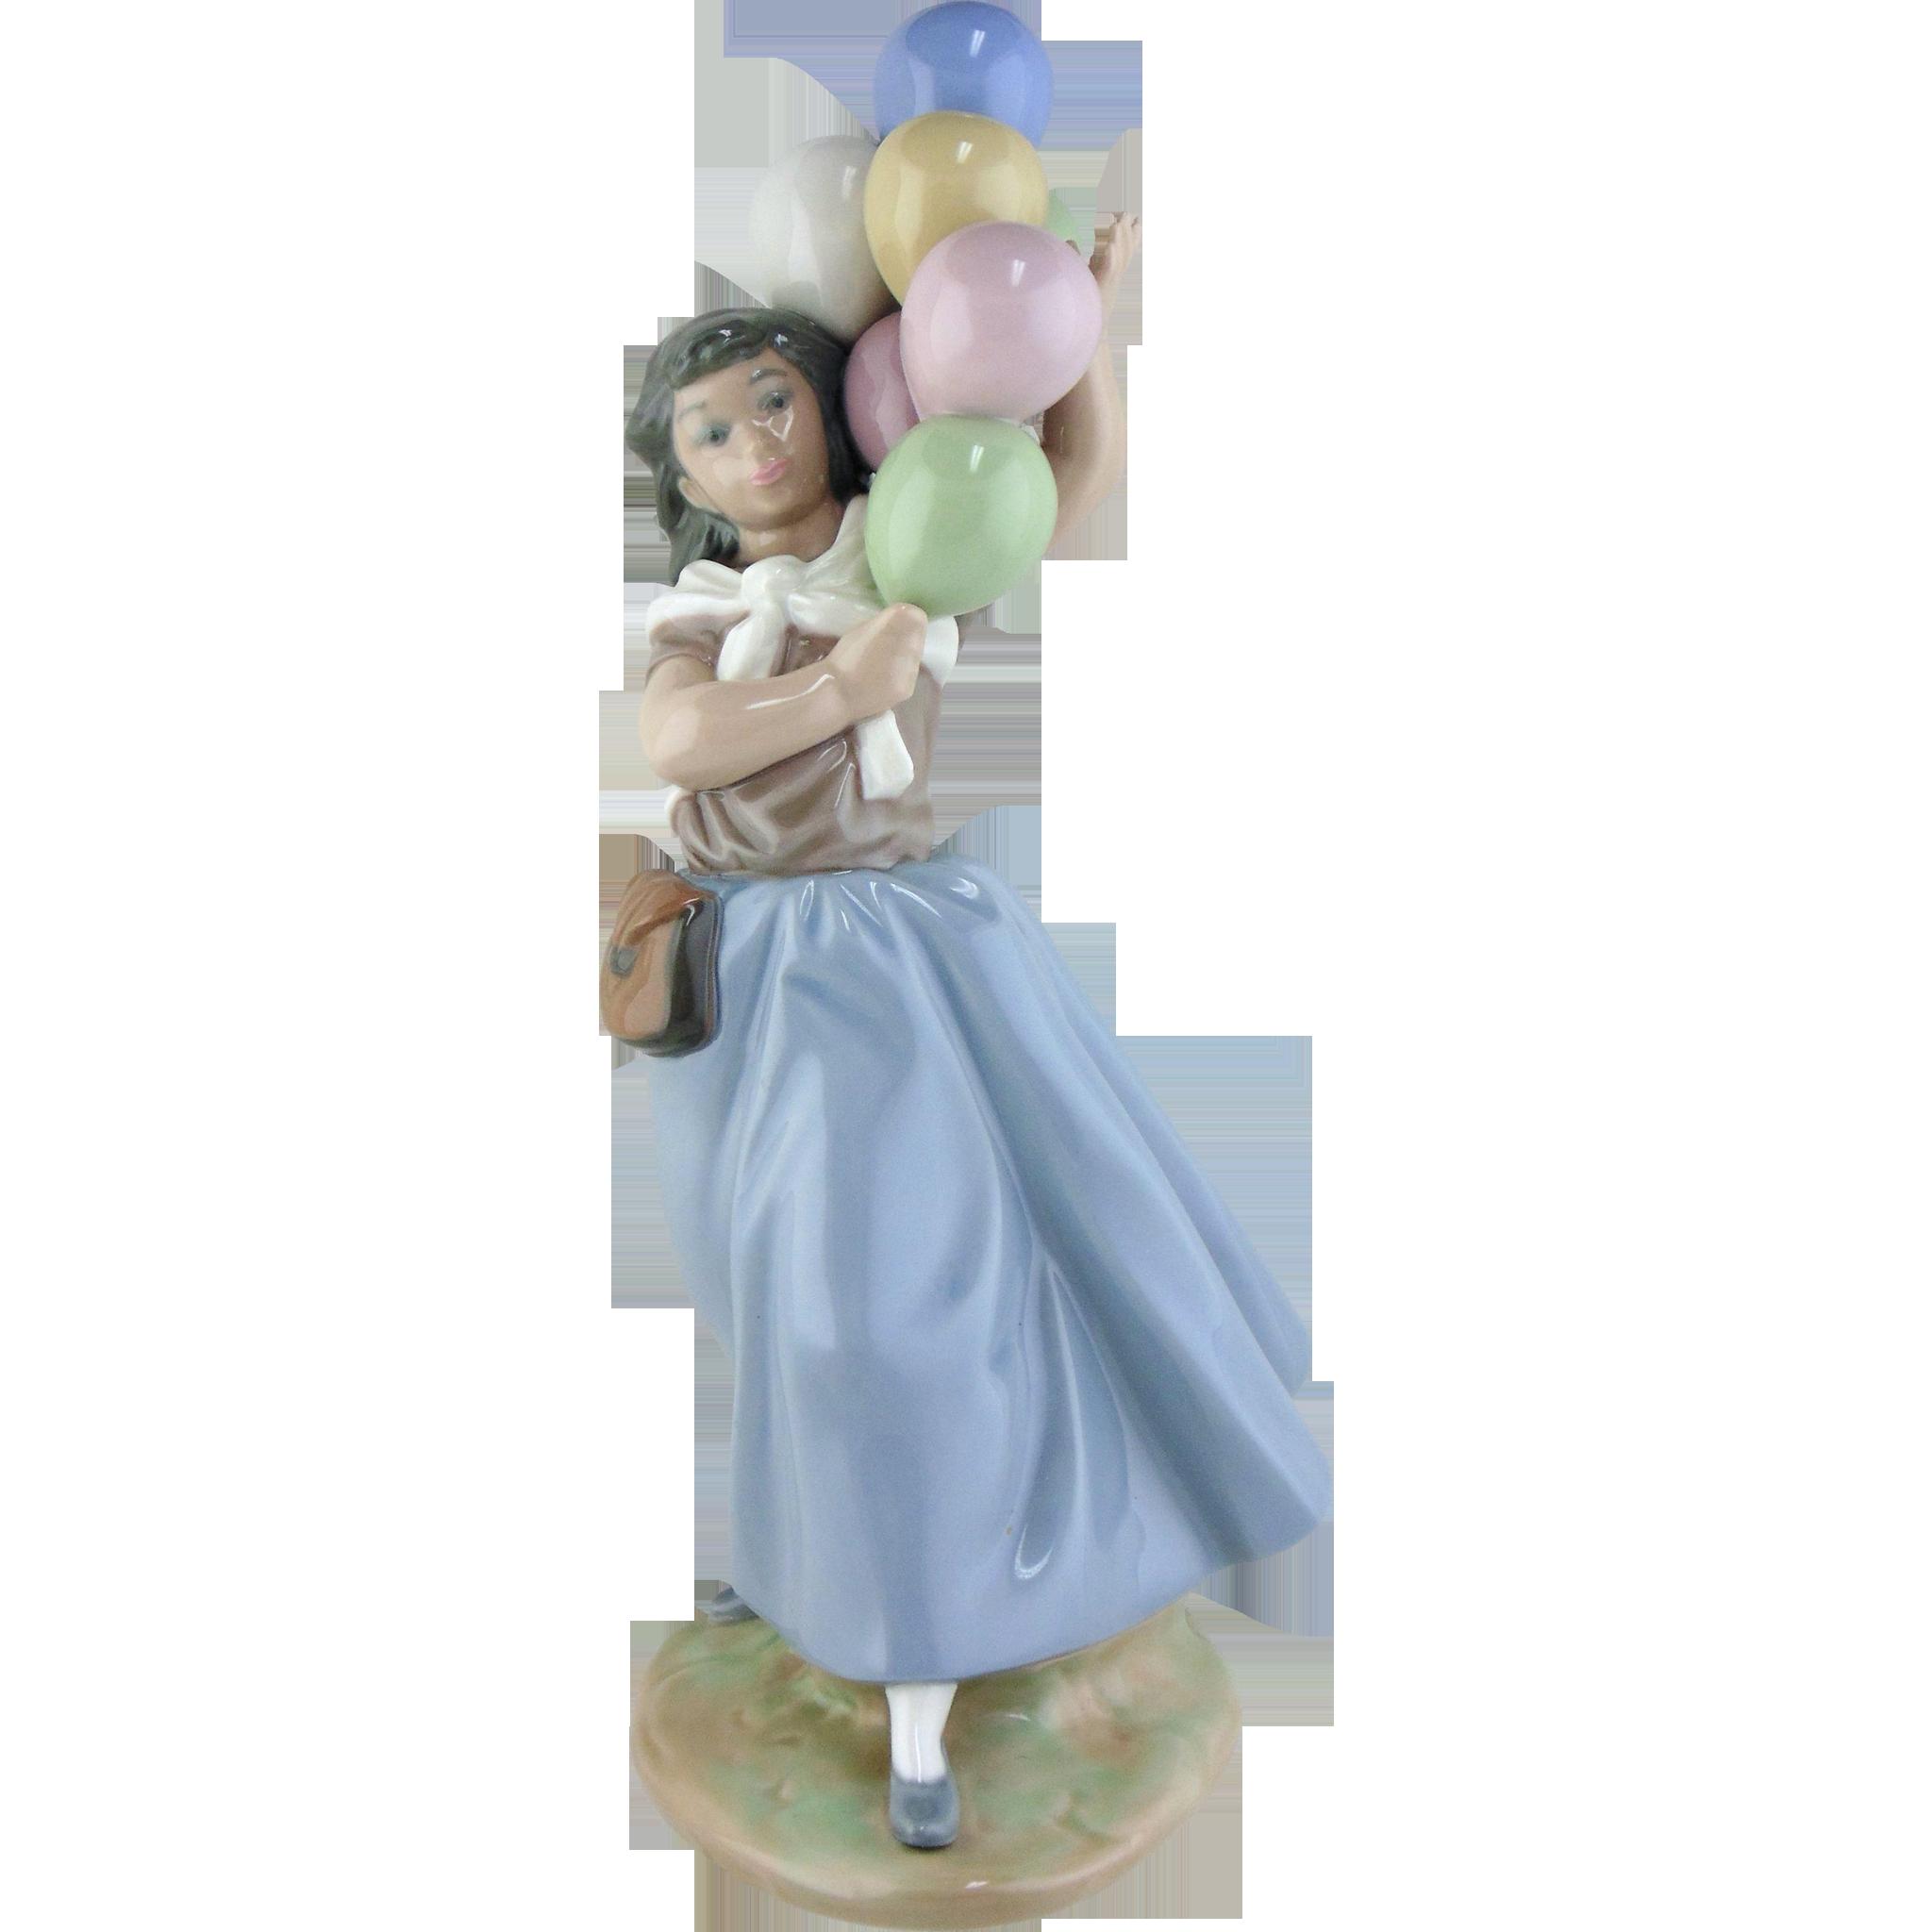 Lladro Figurine - Balloon Seller #5141